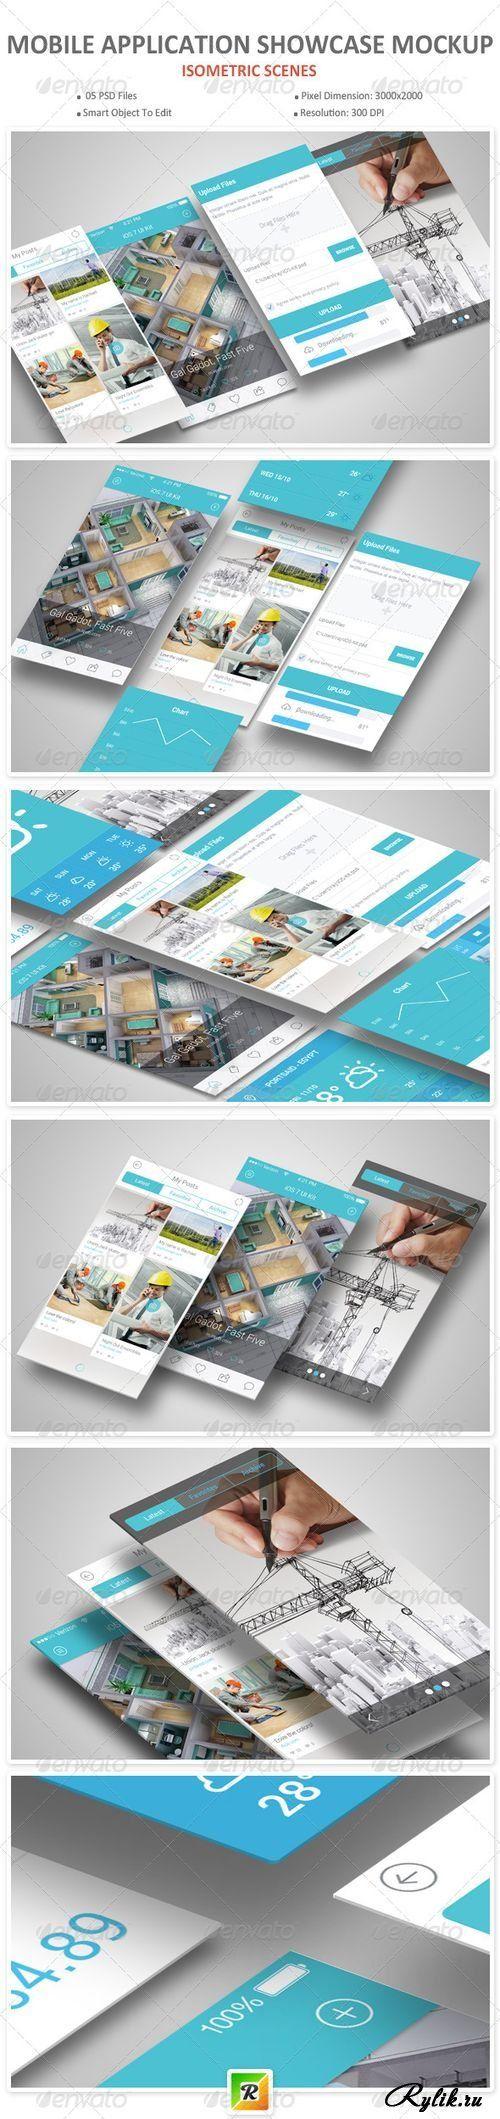 Мольное приложение - макет для презентации. Mobile Application Showcase Mockup